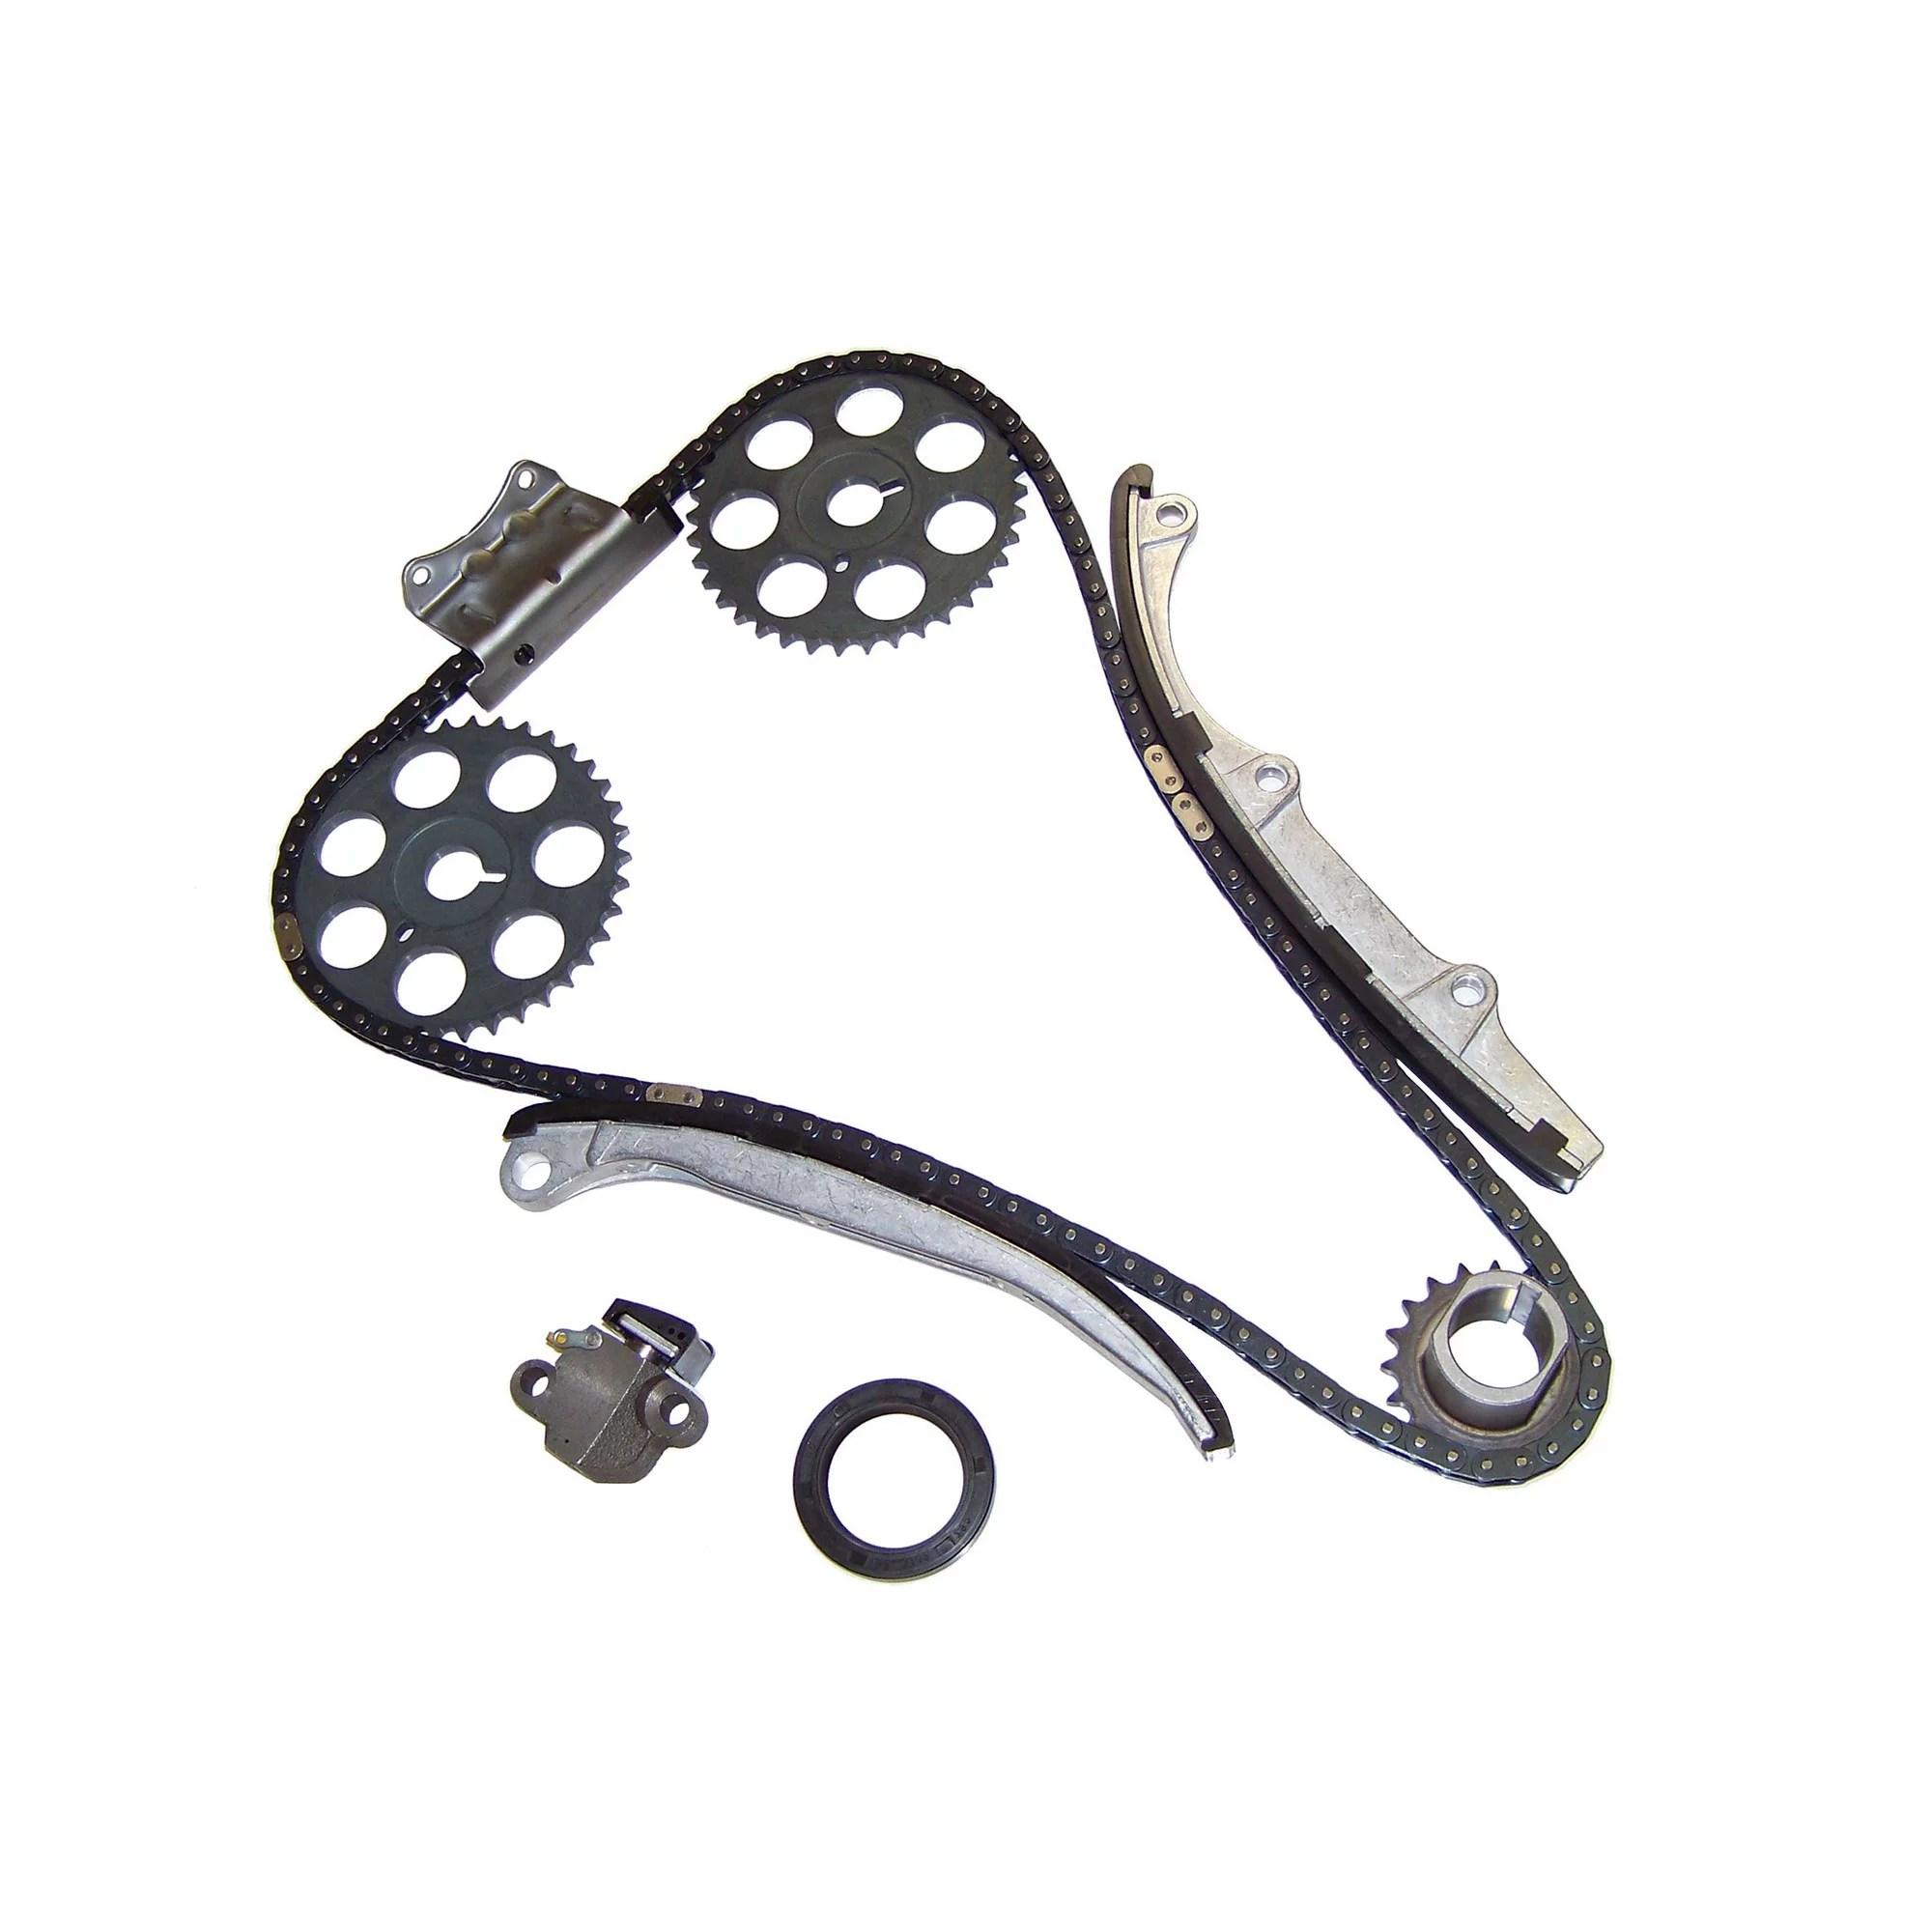 Dnj Tk900hd Timing Chain Kit For 85 95 Toyota 4runner